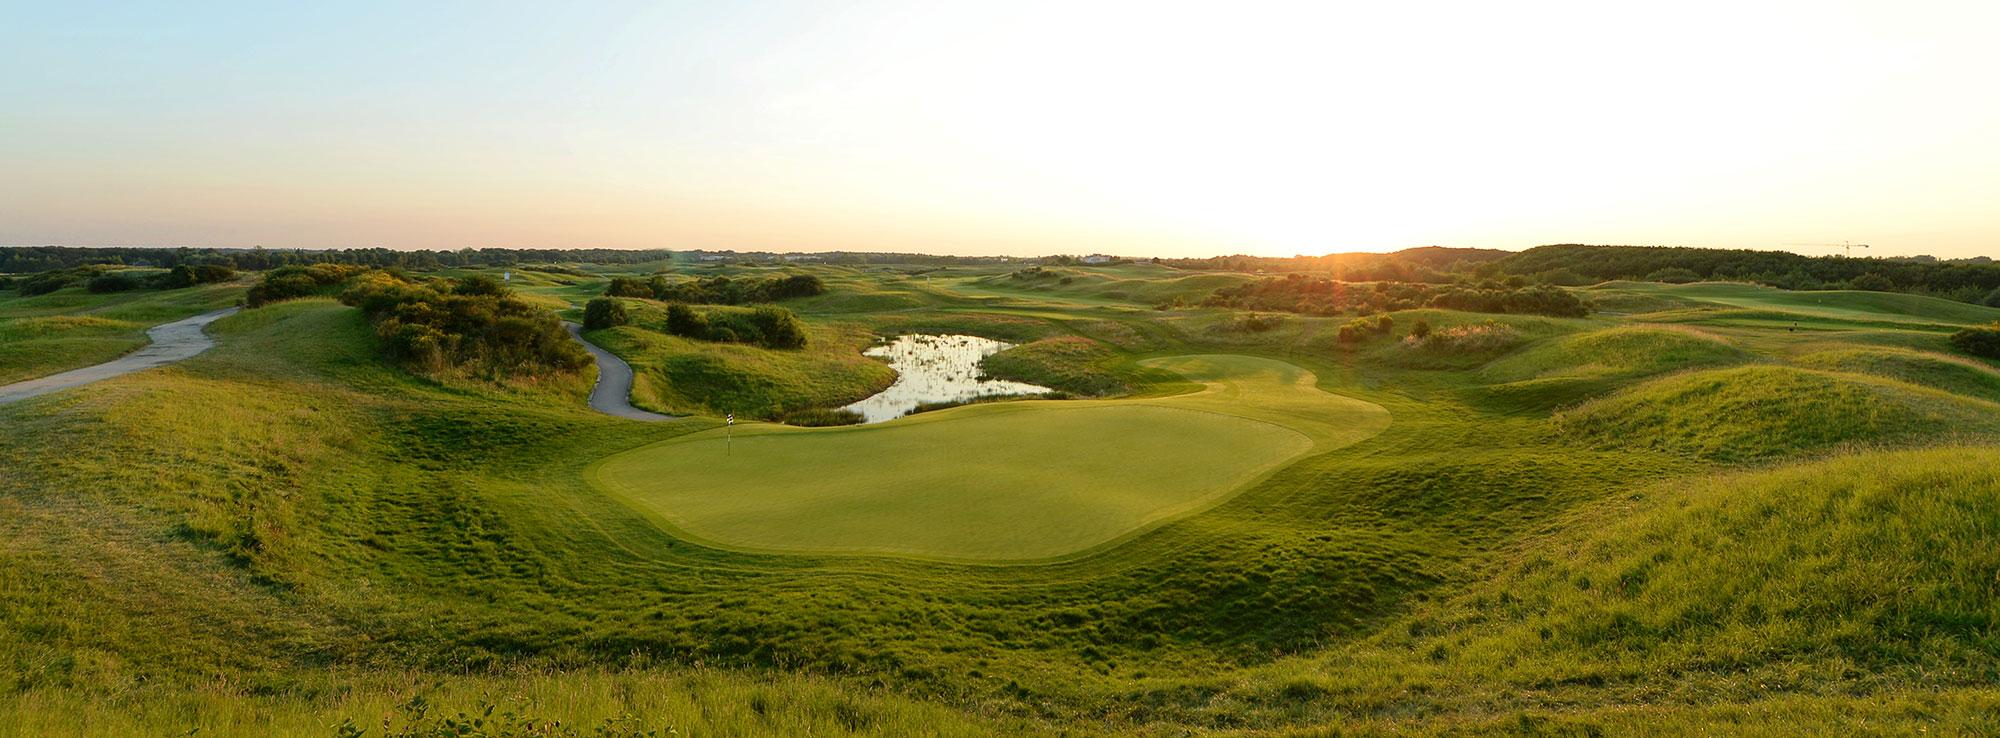 Golf National Albatros Golf Club-3728